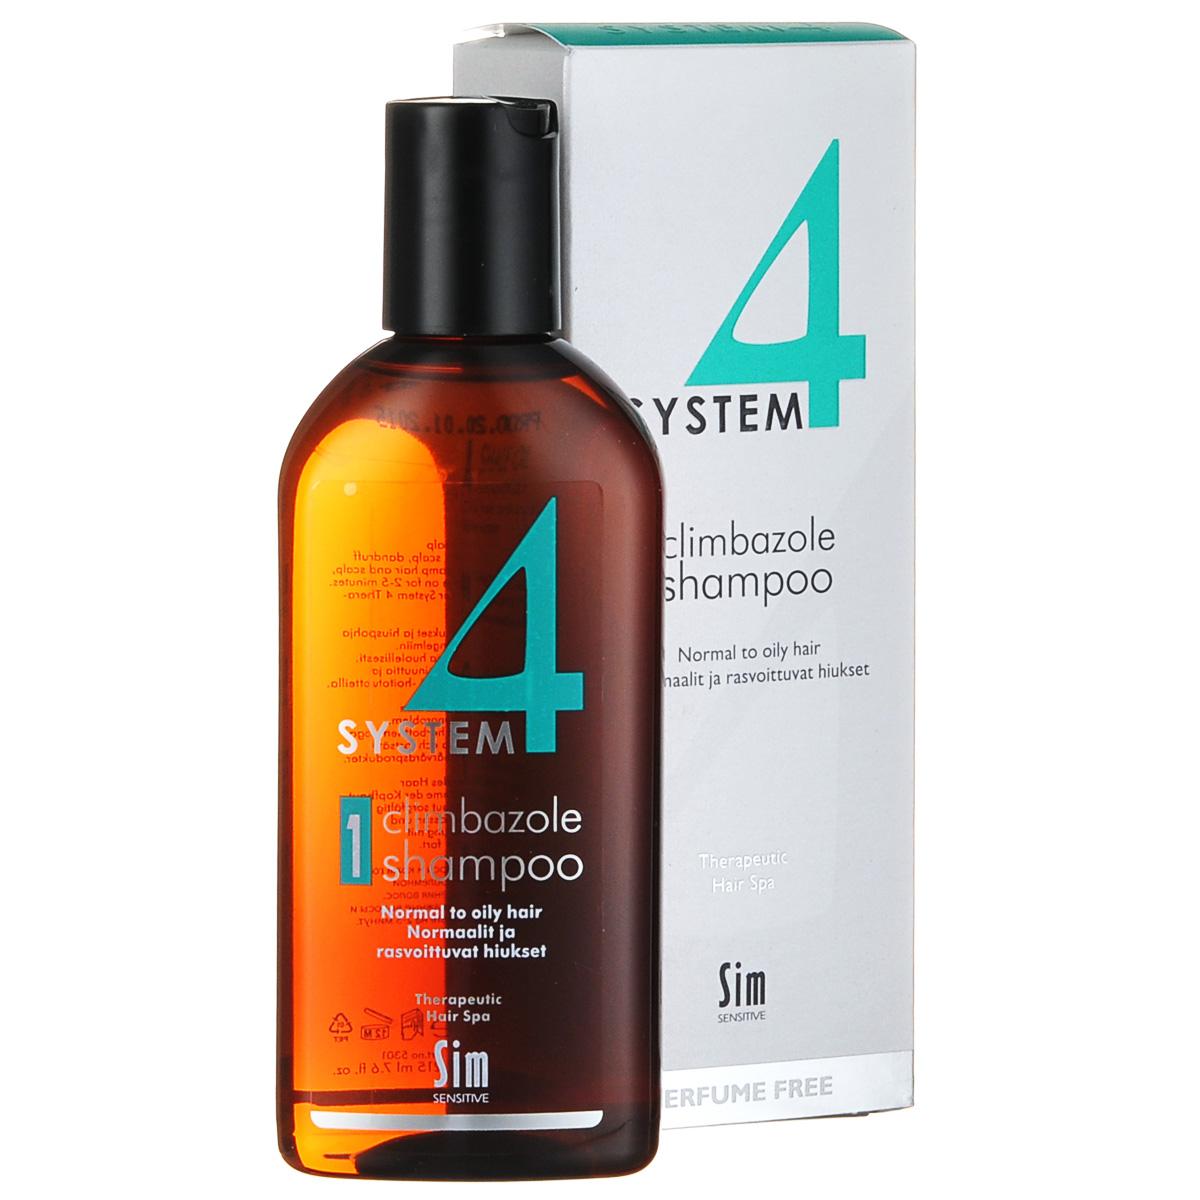 SIM SENSITIVE Терапевтический шампунь № 1 SYSTEM 4 Climbazole Shampoo 1, 215 мл1635629/154511/СТИККАК РАБОТАЕТ:климбазол и пироктон оламин убивают грибок и восстанавливают микрофлоры кожи головы. Салициловая кислота активно очищает кожуголовы, ундециленовая кислота нормализует работу сальных желез.Рапсовое масло увлажняет кожу головы, не засаливая ее, так что волосы дольше сохраняют свежесть. Розмарин и ментол охлаждают и успокаивают, а гидролизованный коллаген активизирует обменныепроцессы в коже головы. БОРЕТСЯ С: зудом и раздражением кожи головыизбыточным выделением кожного сала (себореей) перхотью